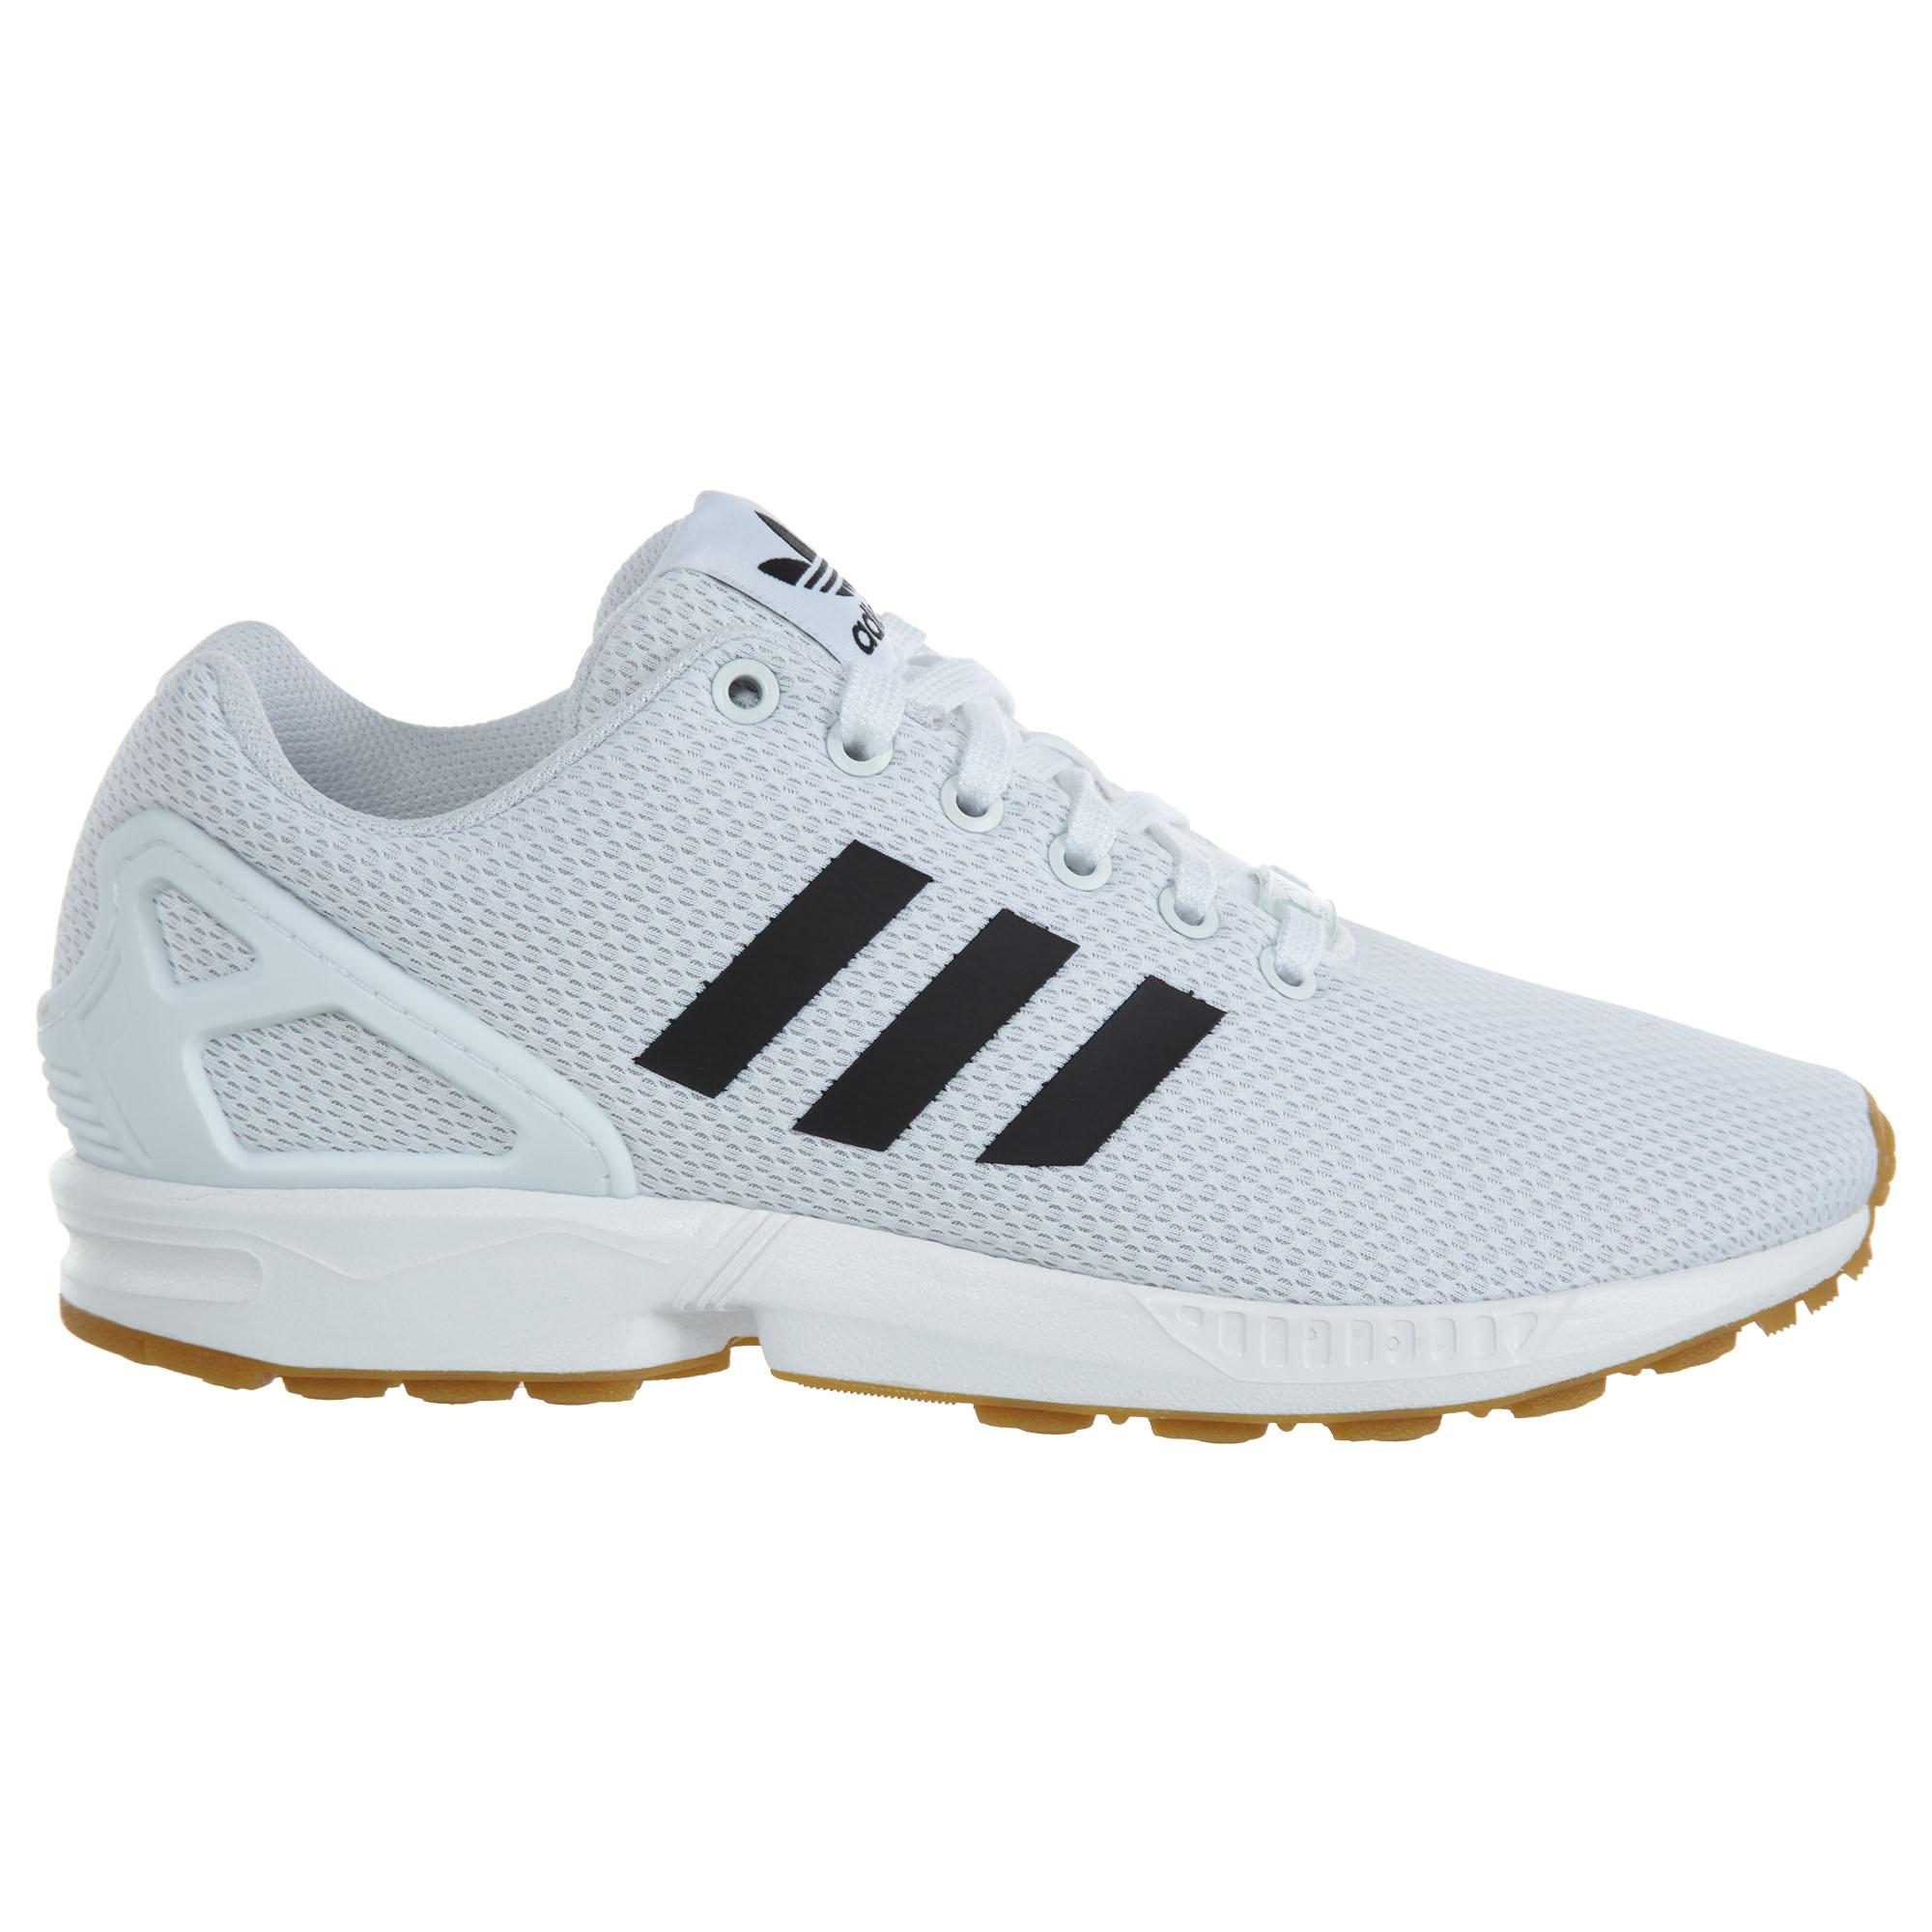 af8fe6fb0d4d ... closeout adidas zx flux white black gum3 de1ca e6371 ...